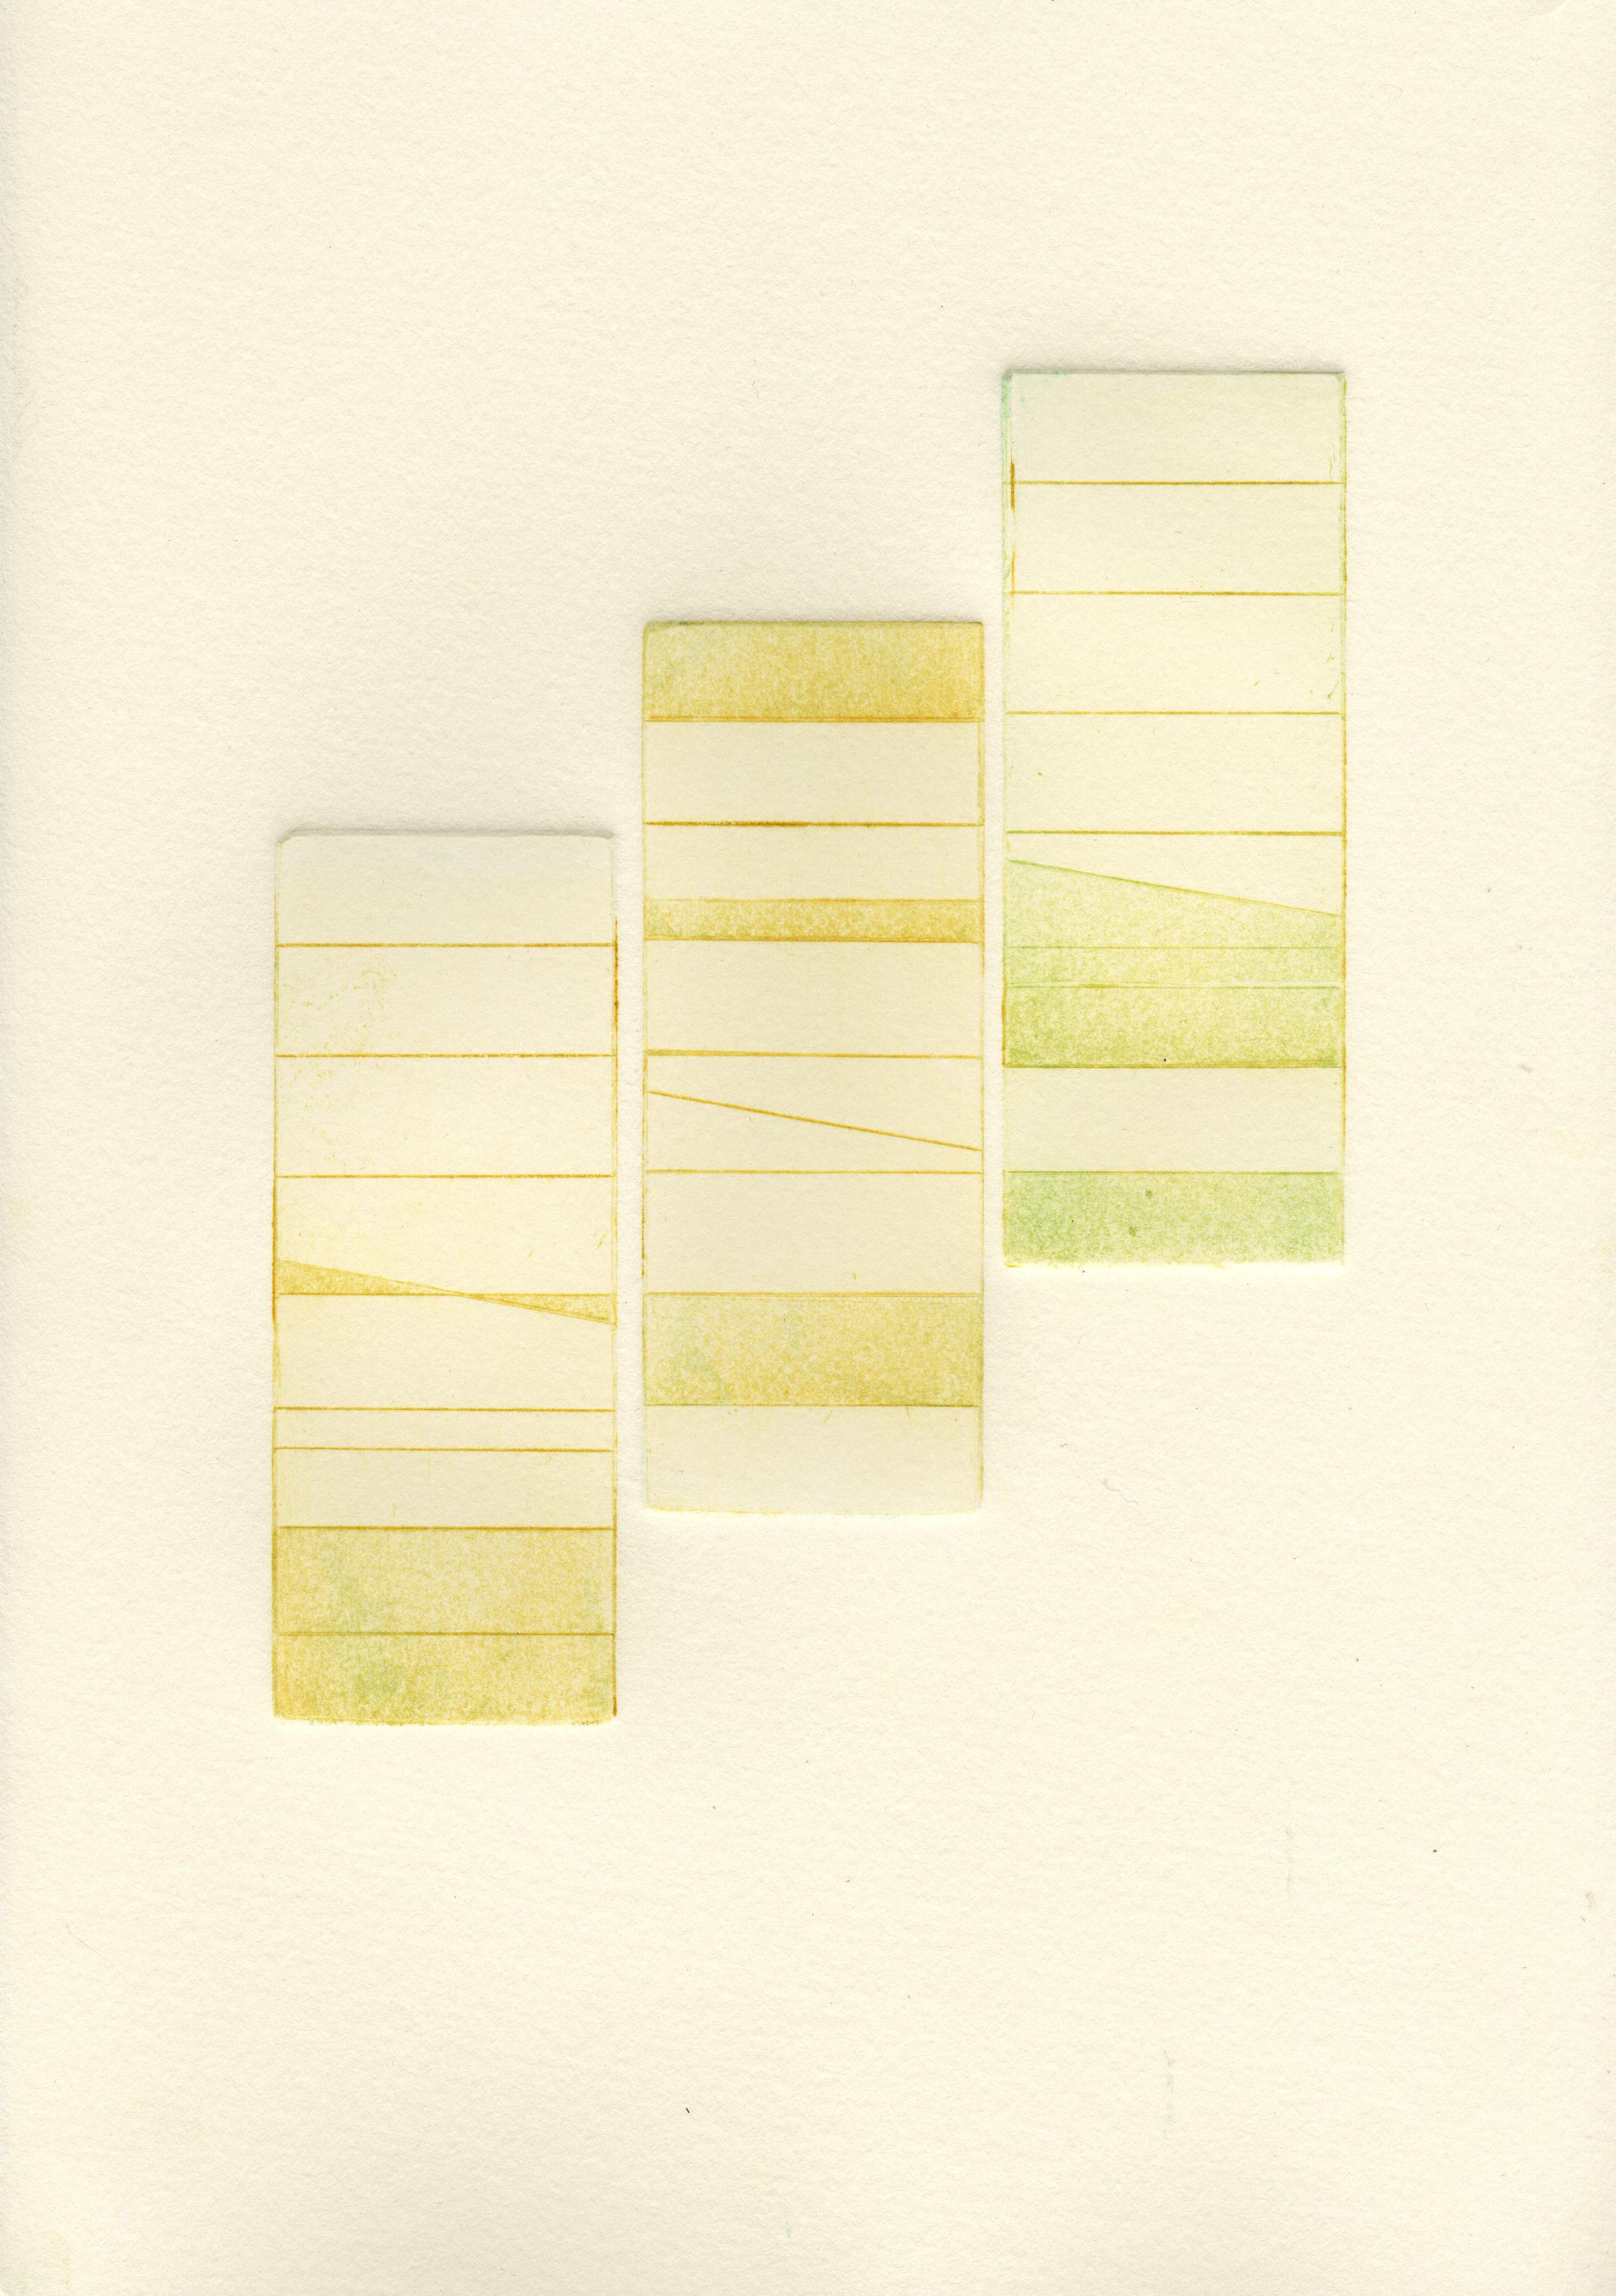 rectangle009.jpg